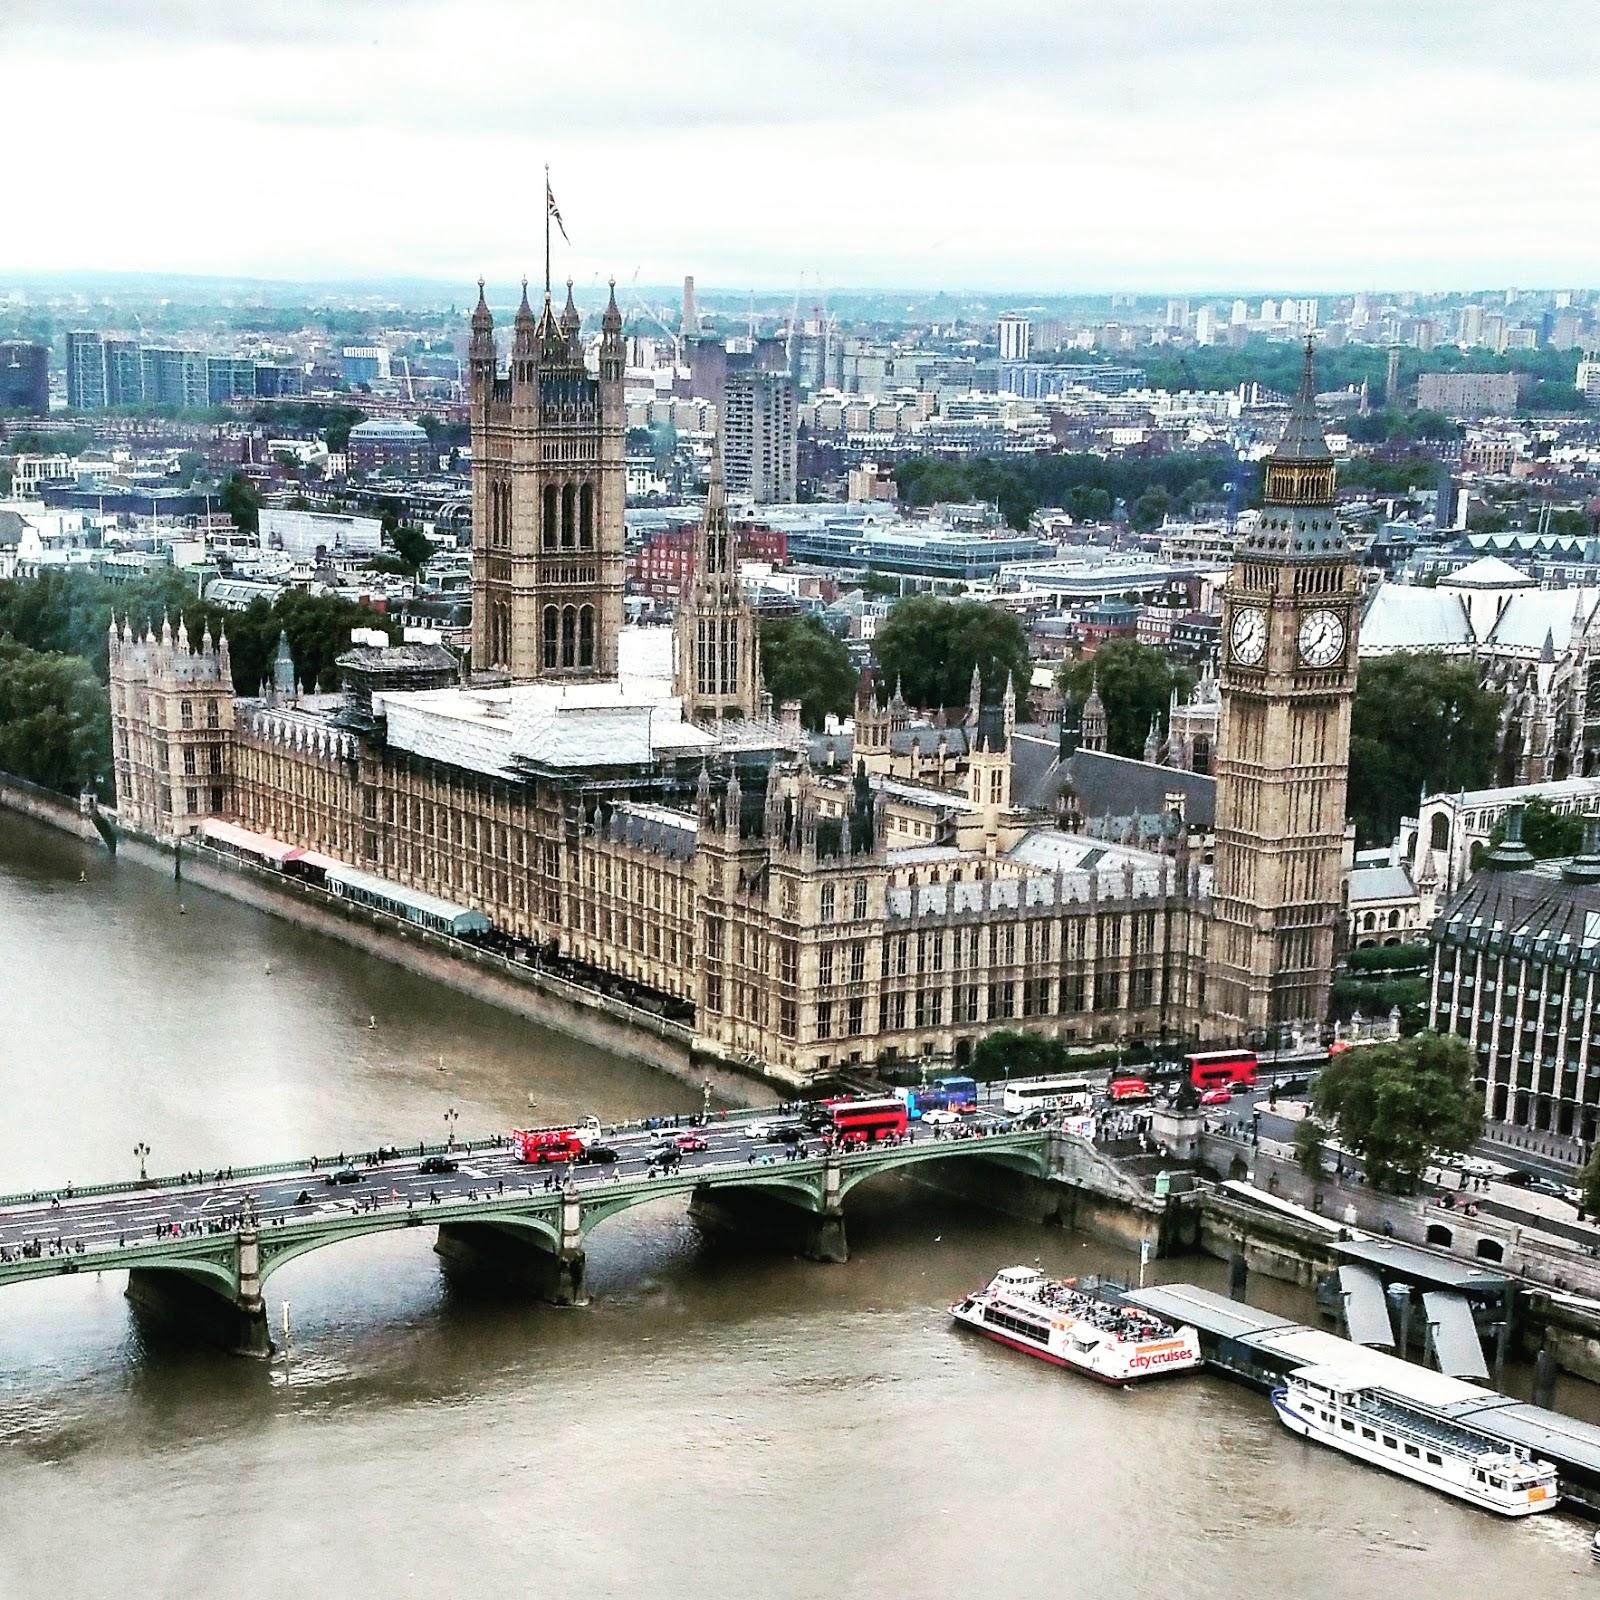 czy London Eye jest przystosowane dla osoby na wózku